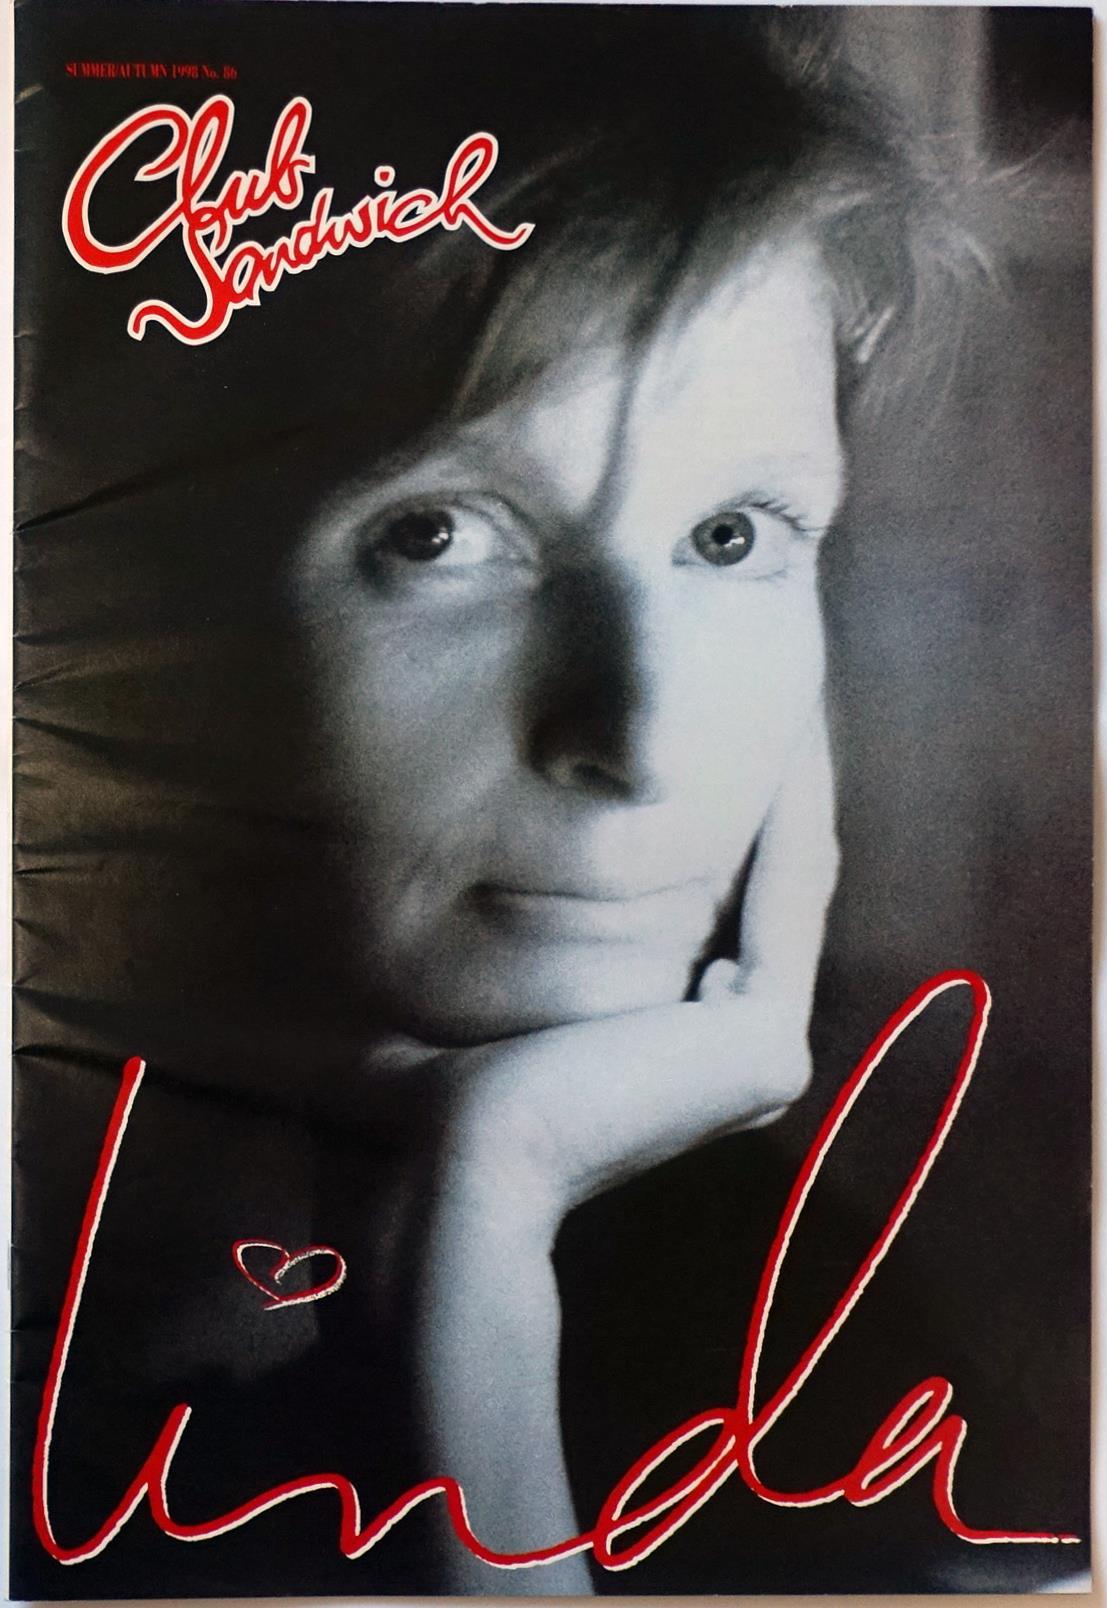 リンダの追悼号となったポールのファンクラブ冊子『クラブ・サンドウィッチ』(98年夏秋号)。